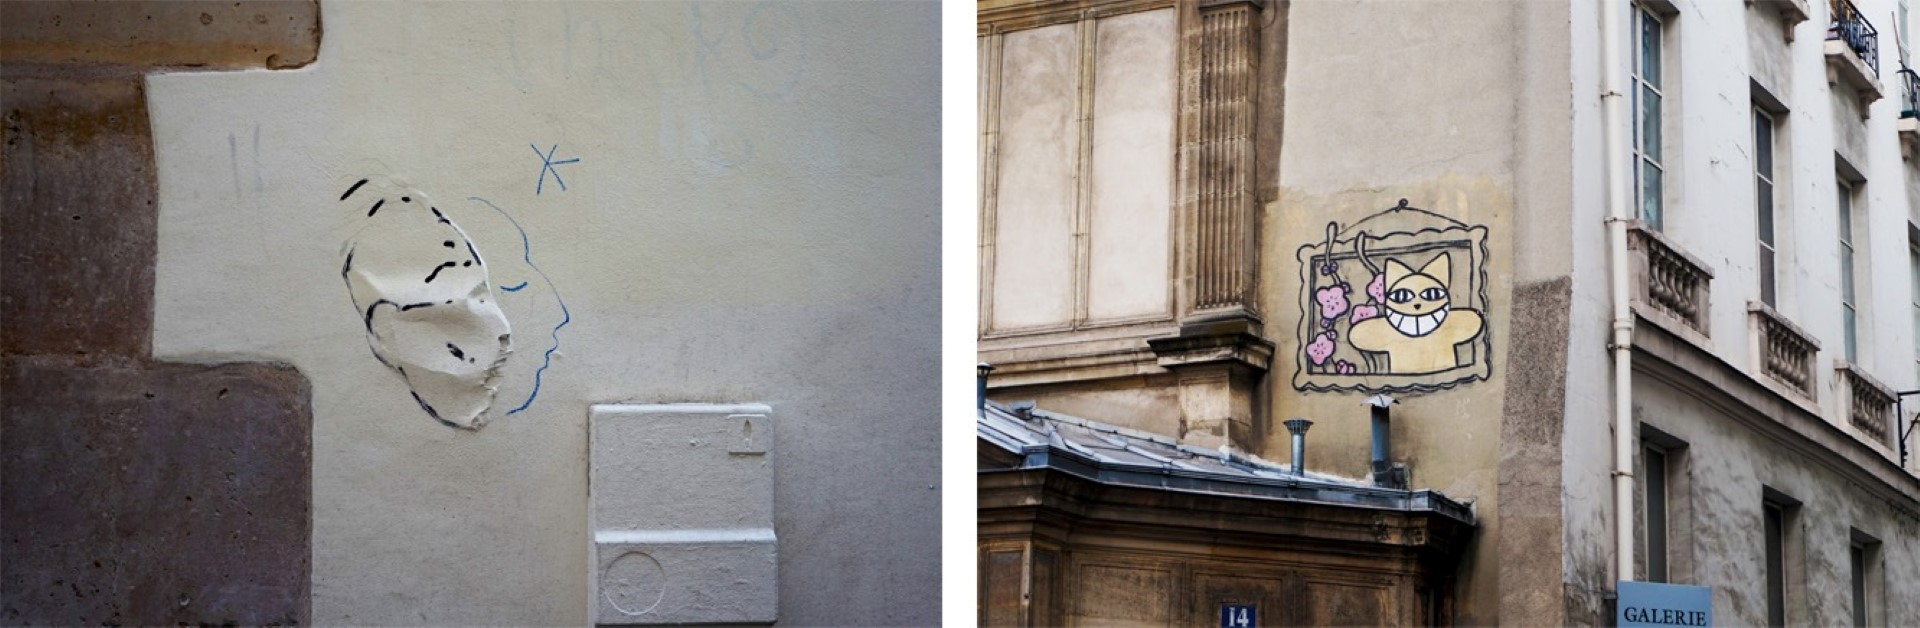 de l'art sur les Murs - Rue Visconti et rue Bonaparte